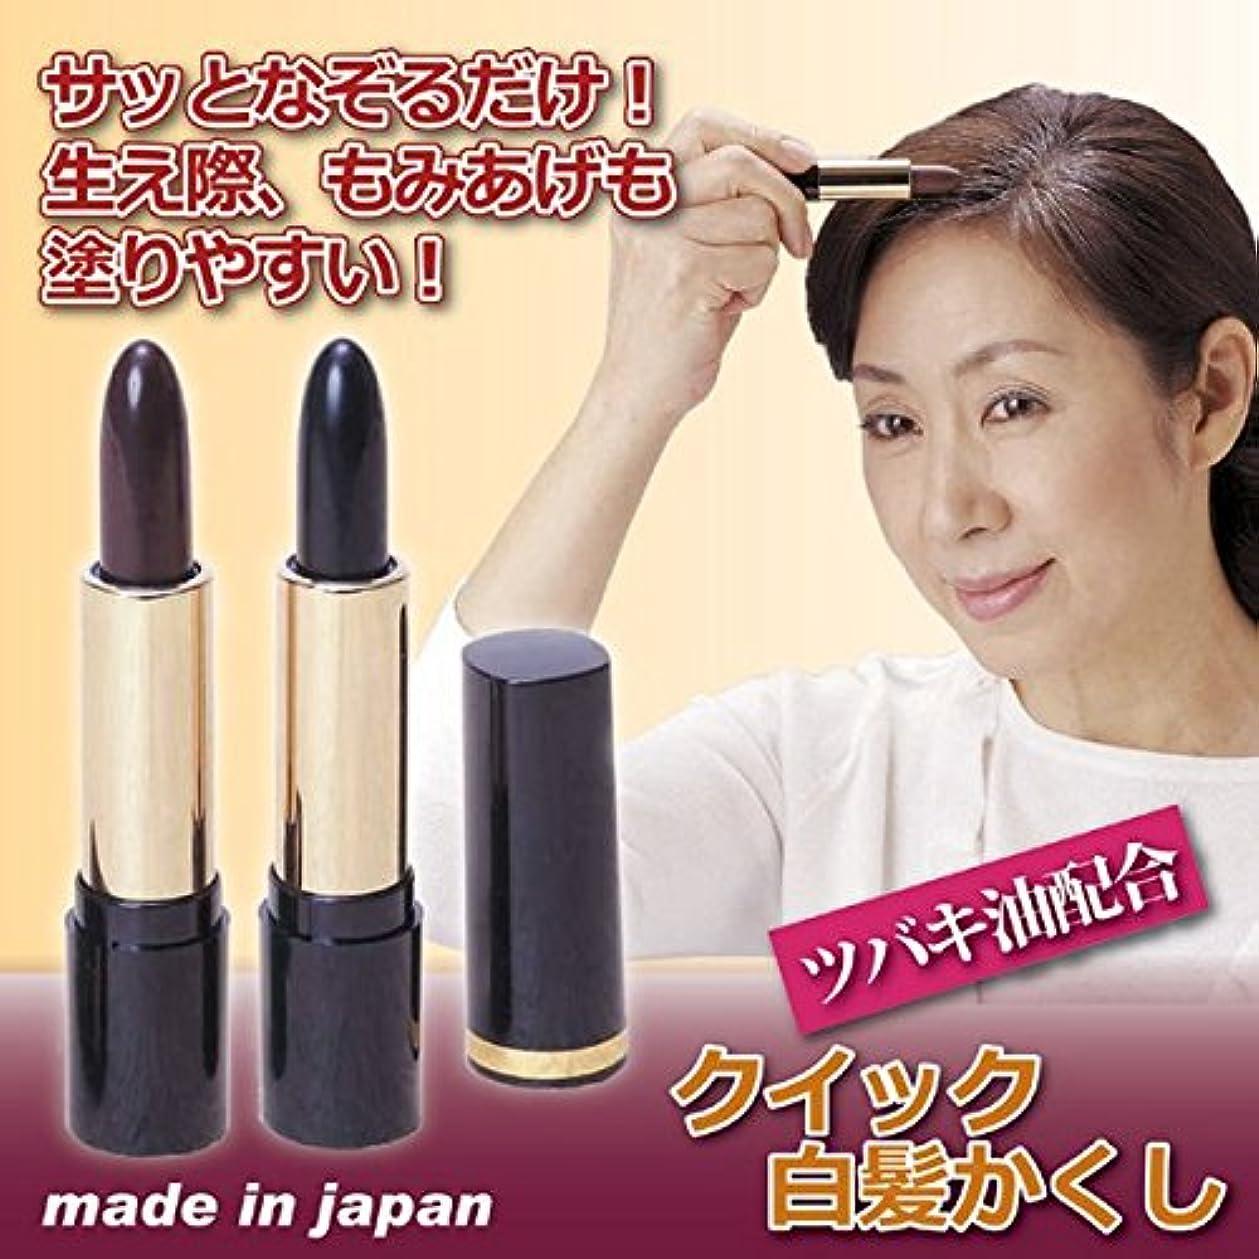 勇気加速度付添人クイック白髪かくし (男女兼用/ブラウン) 無香料 日本製